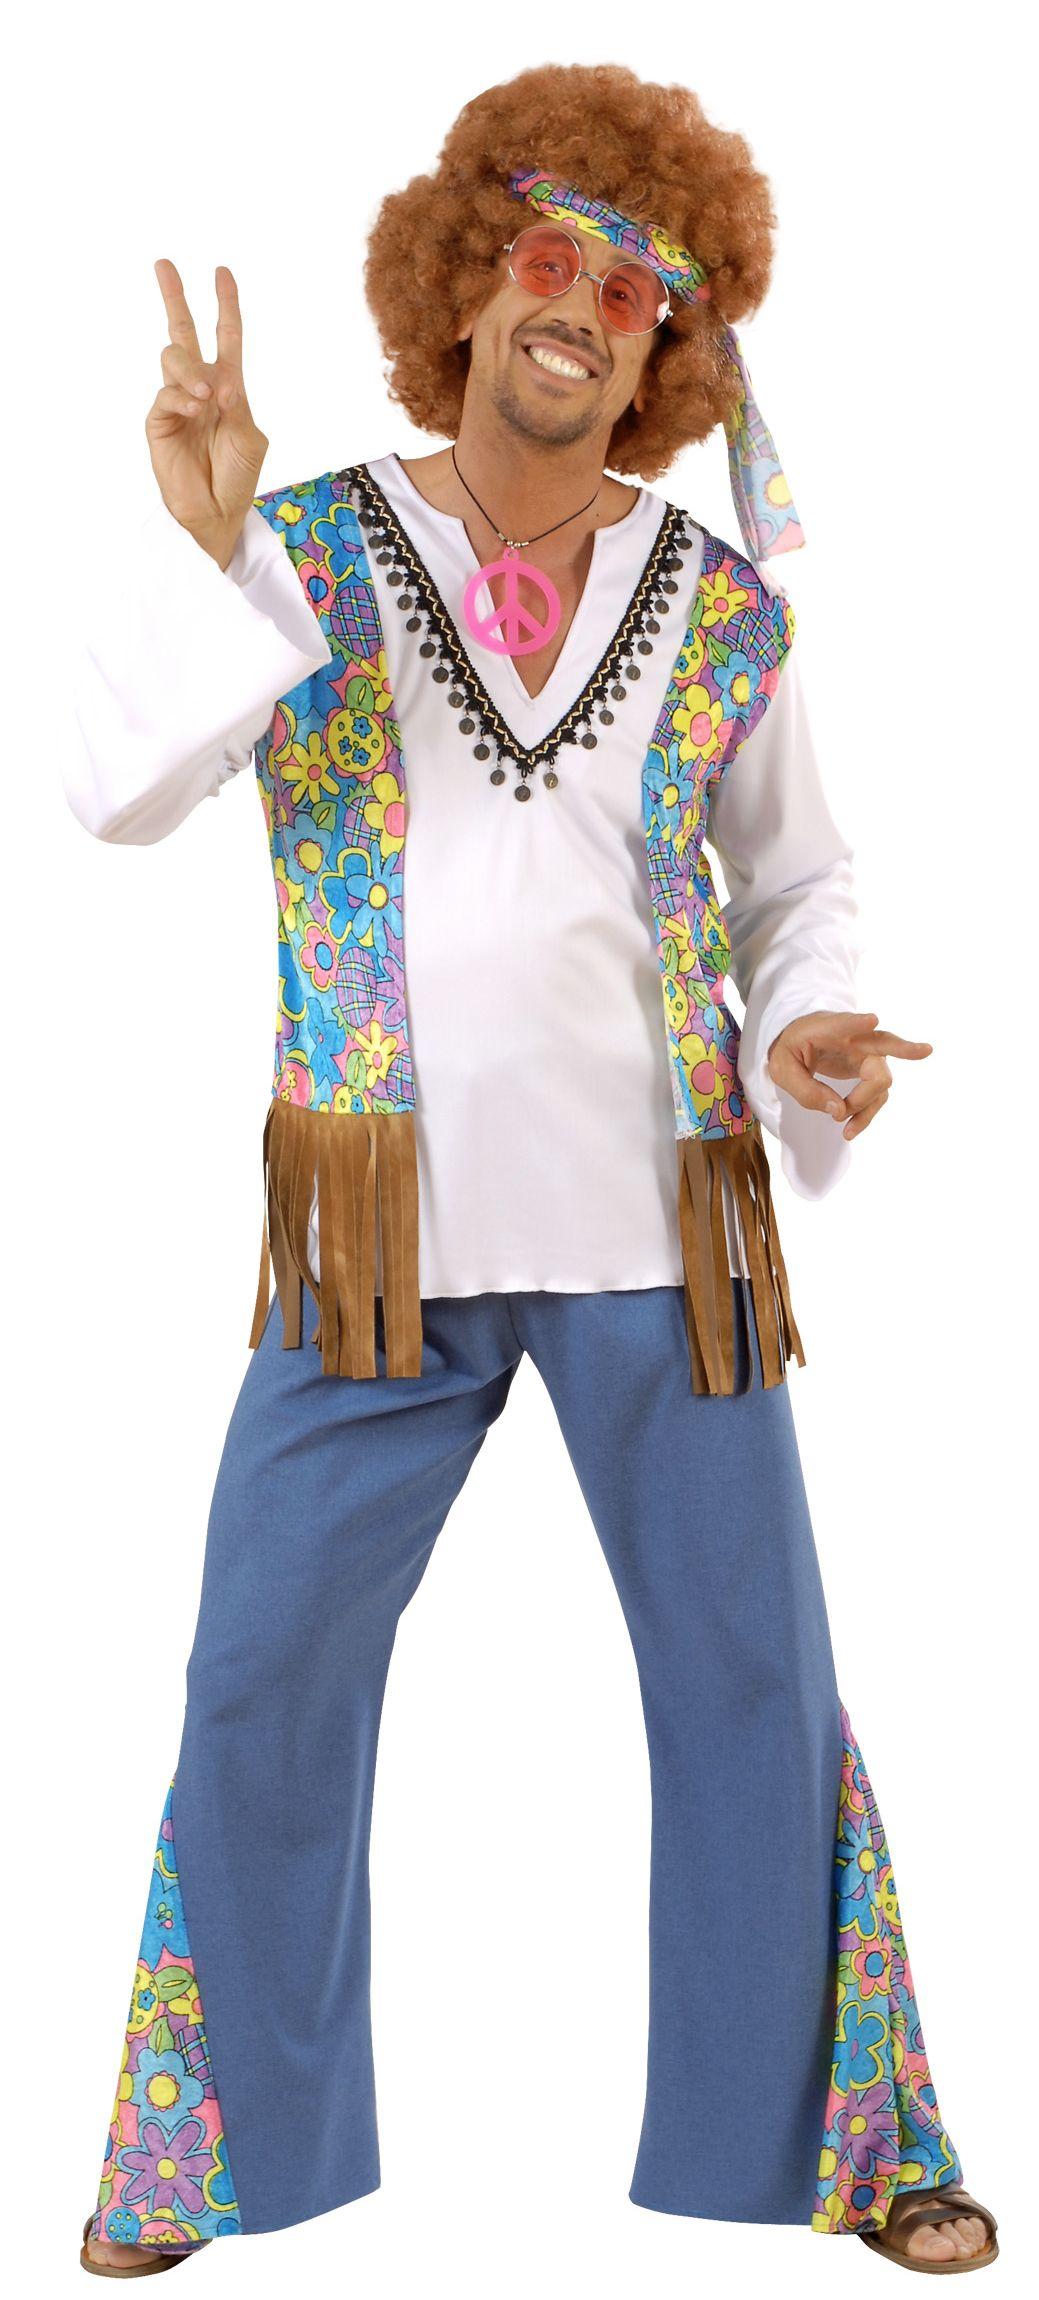 3cab78a08488 Costume da hippie per uomo su VegaooParty